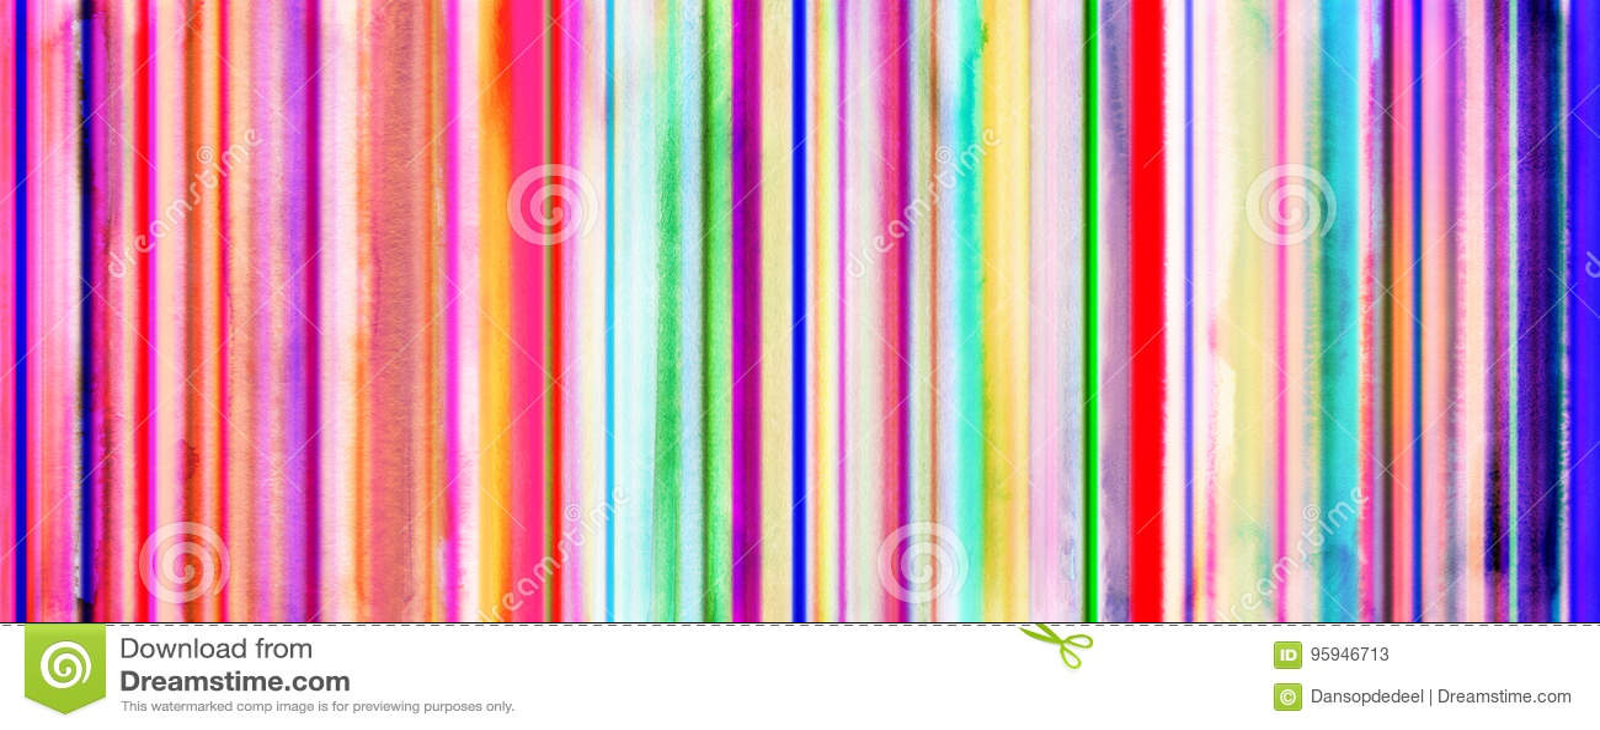 La acuarela colorida raya la bandera con las líneas rectas añadidas palmadita